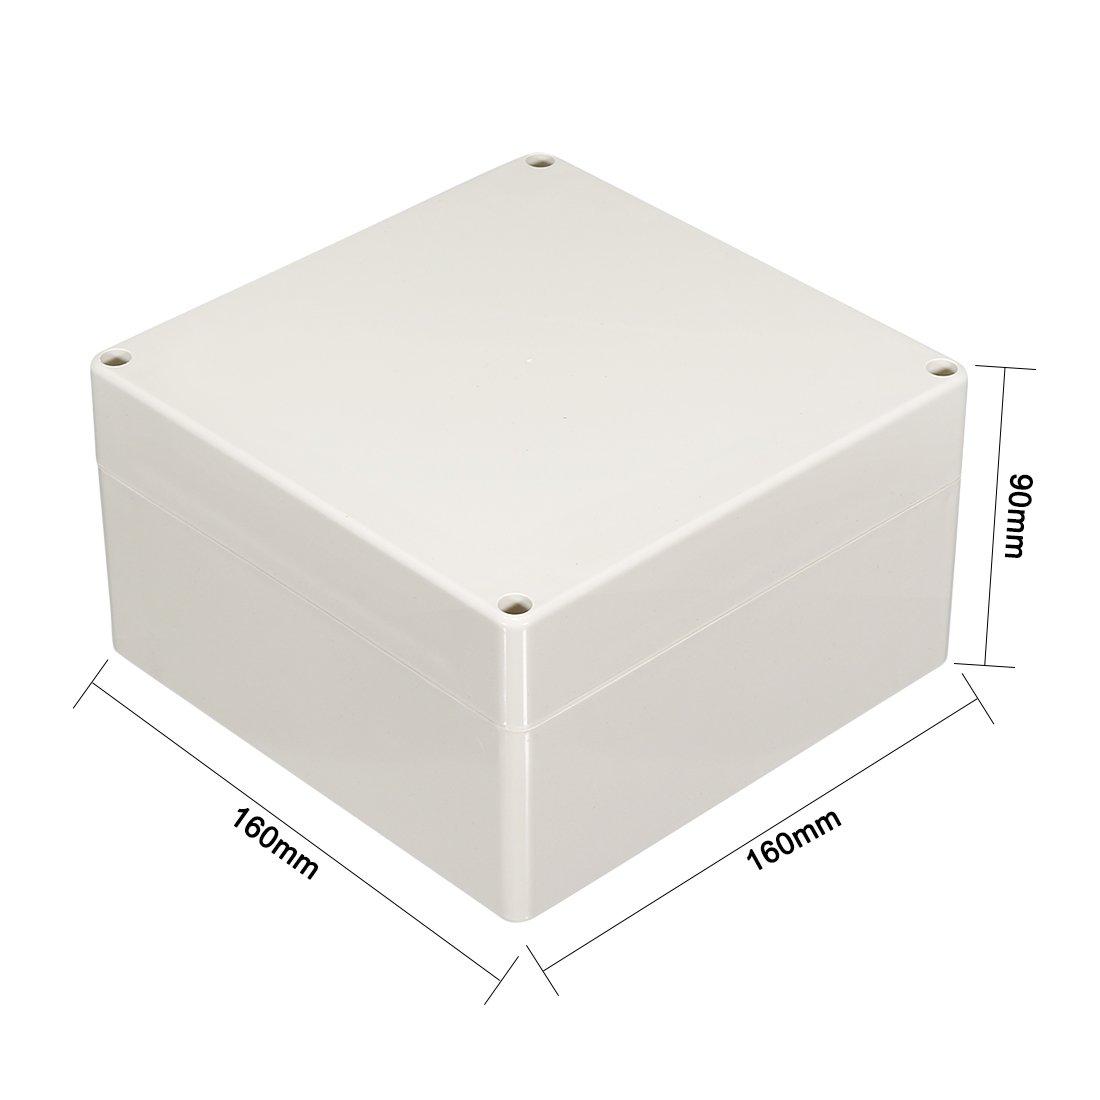 90mm Elektro ABS Plastik DIY Junktion Box Annex Deckel sourcing map 160 160